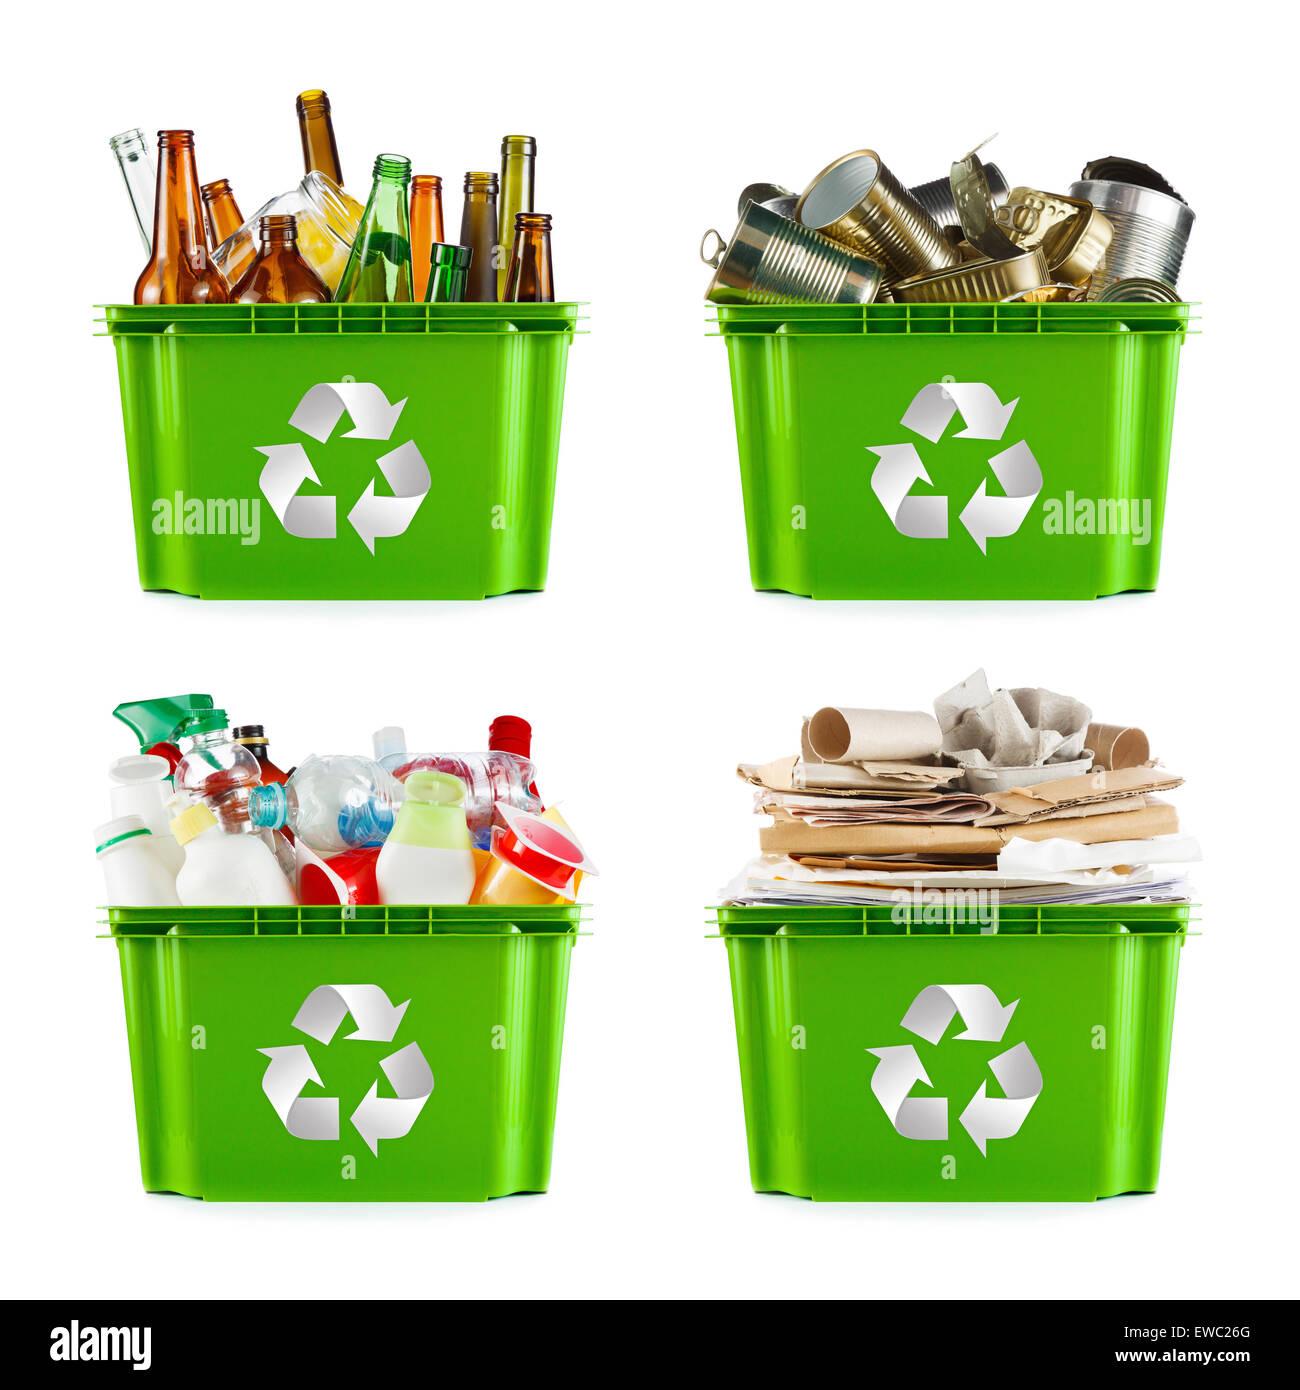 Una selección de la basura para su reciclado. Segregados de metal, plástico, papel y vidrio Imagen De Stock